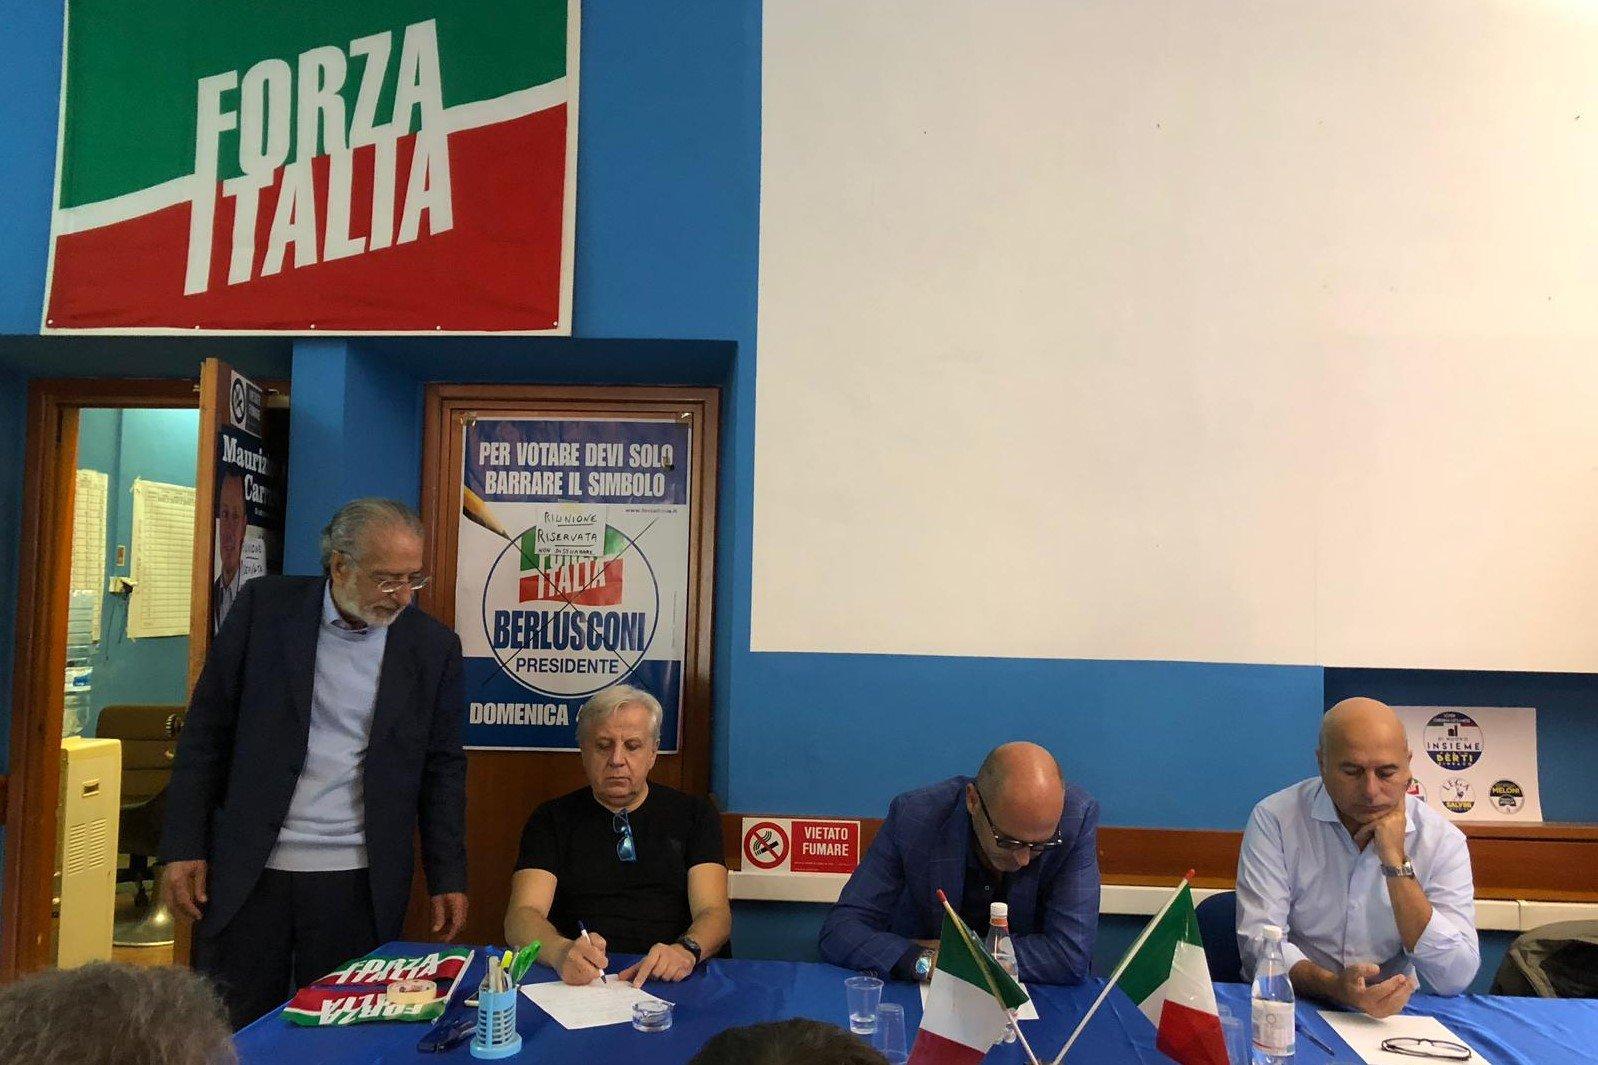 Coordinamento regionale di Forza Italia stamani a Montecatini Terme